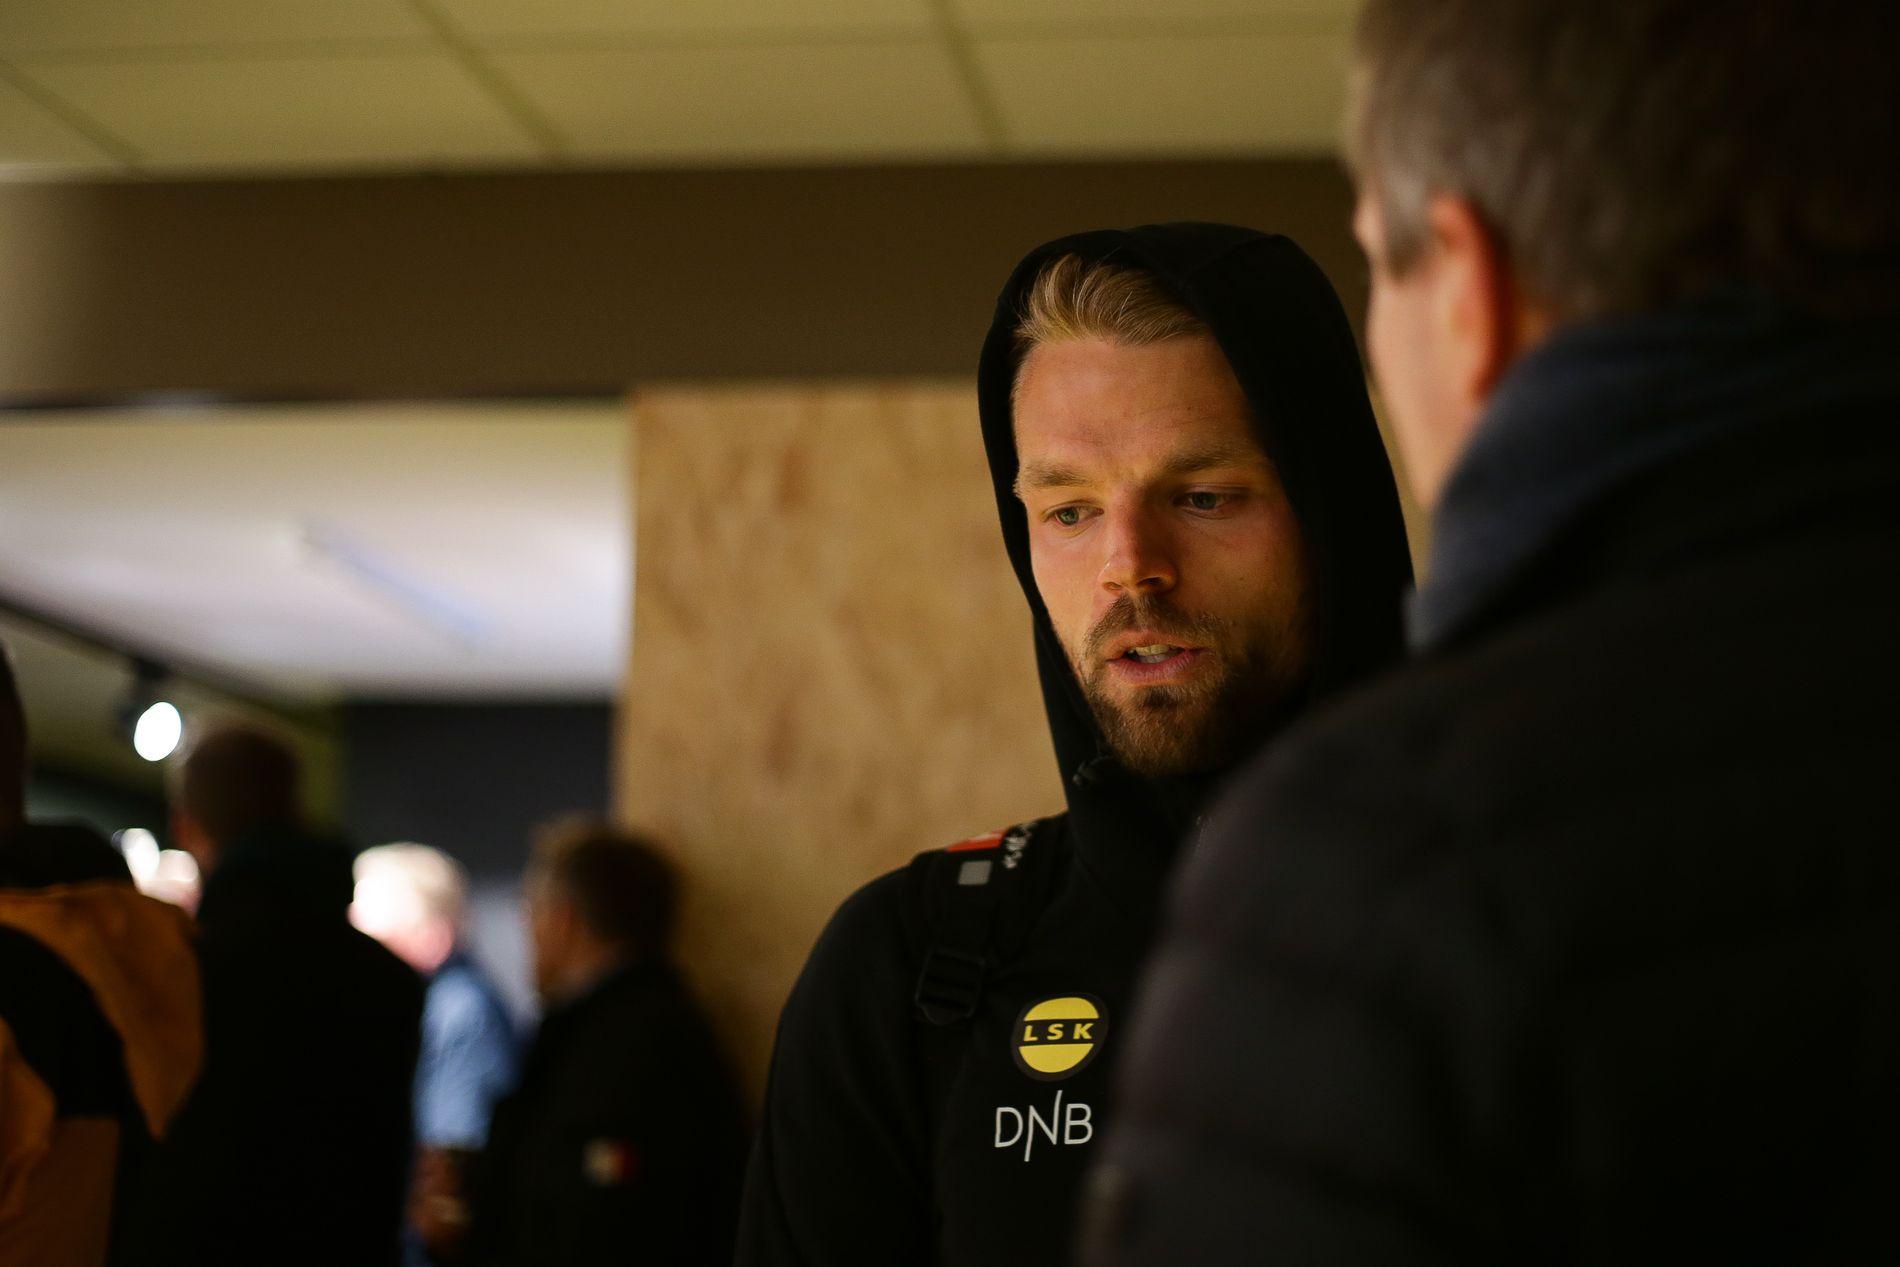 LANGT NEDE: Mats Haakenstad i intervjusonen etter 4–0-tapet for Bodø/Glimt på Aspmyra.